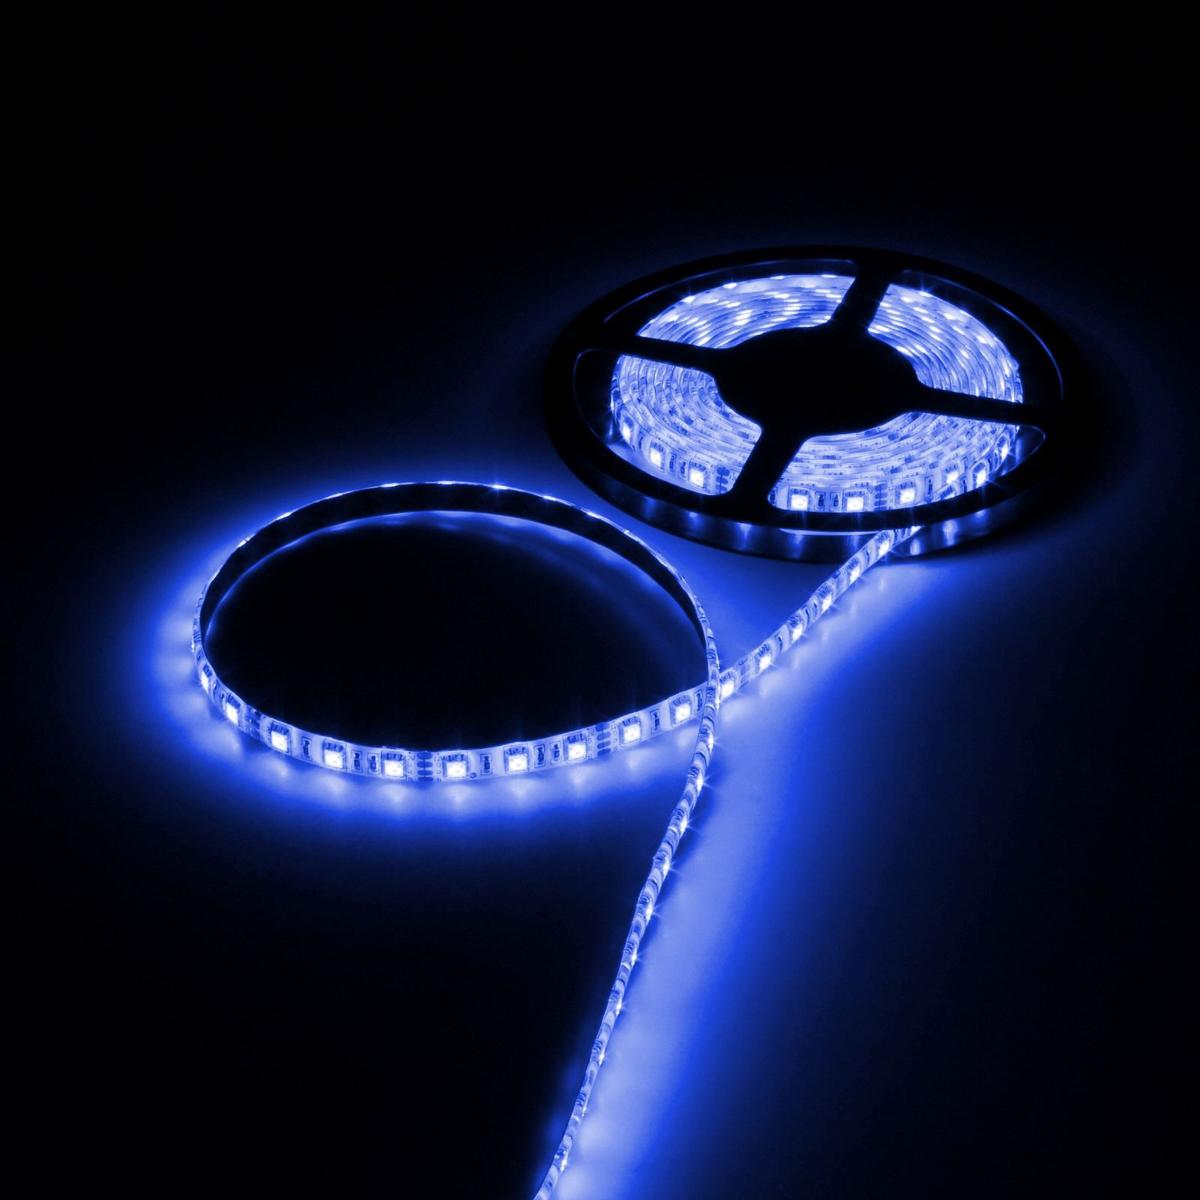 Светодиодная лента Luazon, 12В, SMD5050, длина 5 м, IP65, 60 LED ламп, 14.4 Вт/м, 14-16 Лм/1 LED, DC, цвет: синий883949Светодиодные гирлянды, ленты и т.д — это отличный вариант для новогоднего оформления интерьера или фасада. С их помощью помещение любого размера можно превратить в праздничный зал, а внешние элементы зданий, украшенные ими, мгновенно станут напоминать очертания сказочного дворца. Такие украшения создают ауру предвкушения чуда. Деревья, фасады, витрины, окна и арки будто специально созданы, чтобы вы украсили их светящимися нитями.